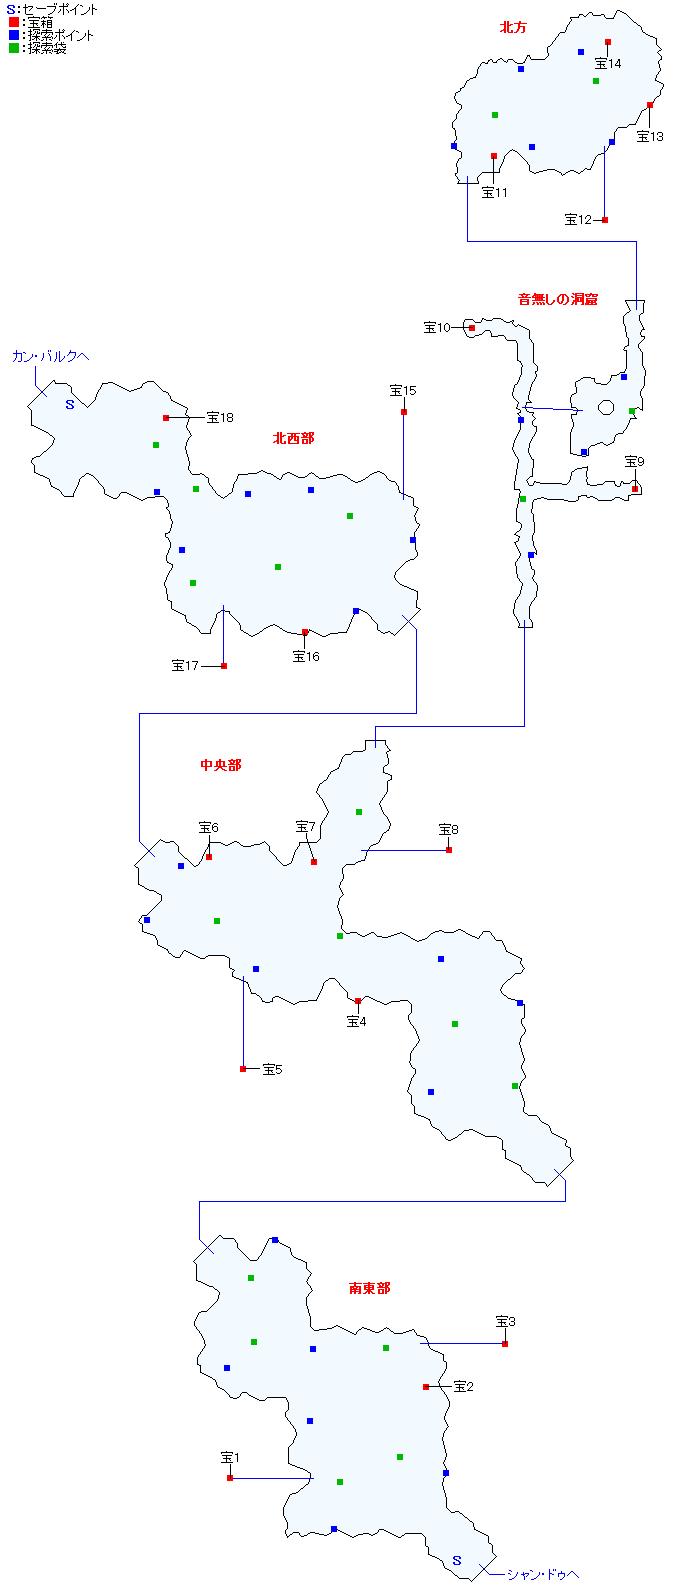 モン高原マップ画像